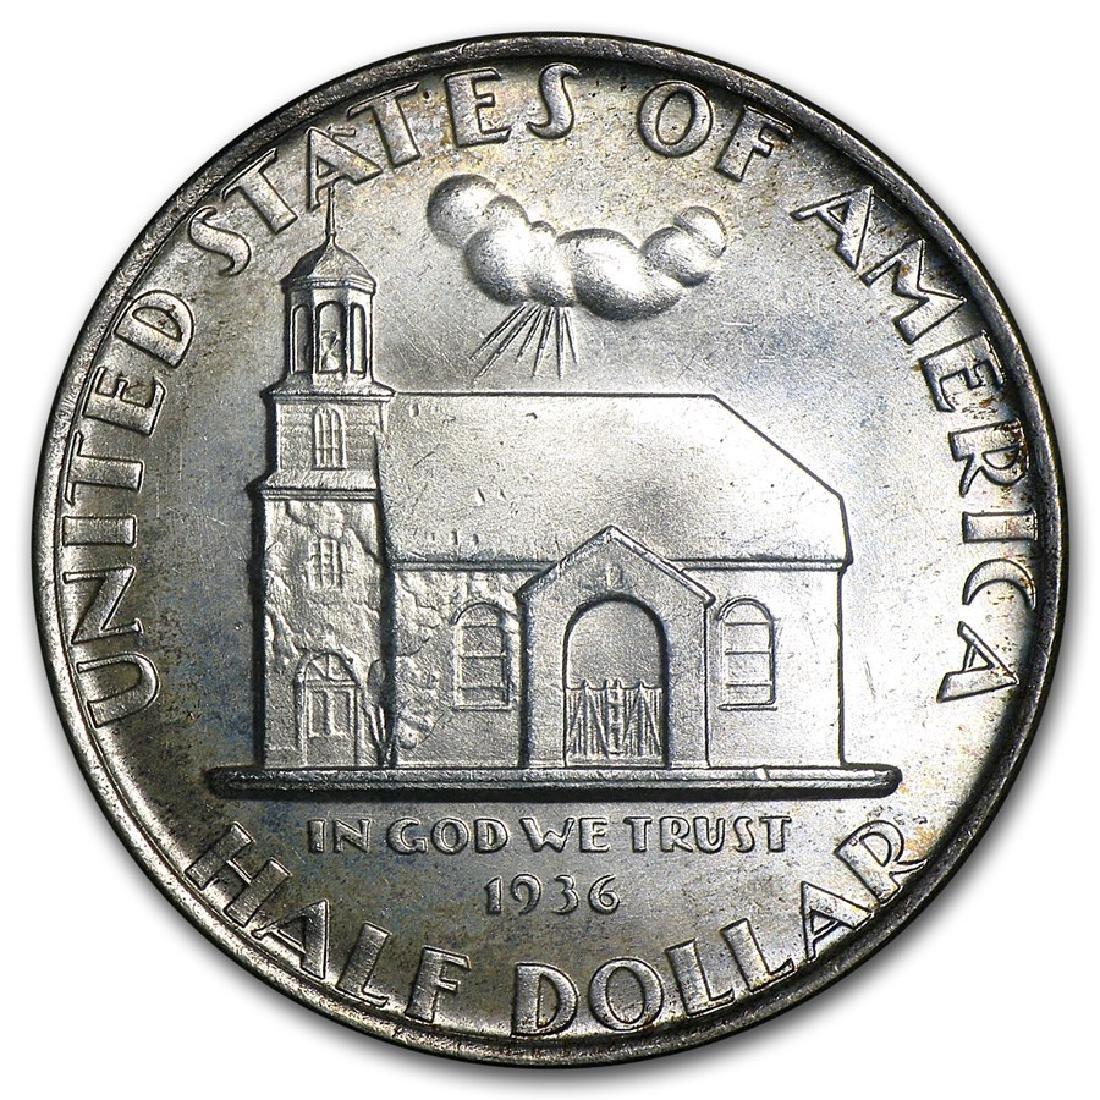 1936 Delaware Tercentenary Half Dollar Coin